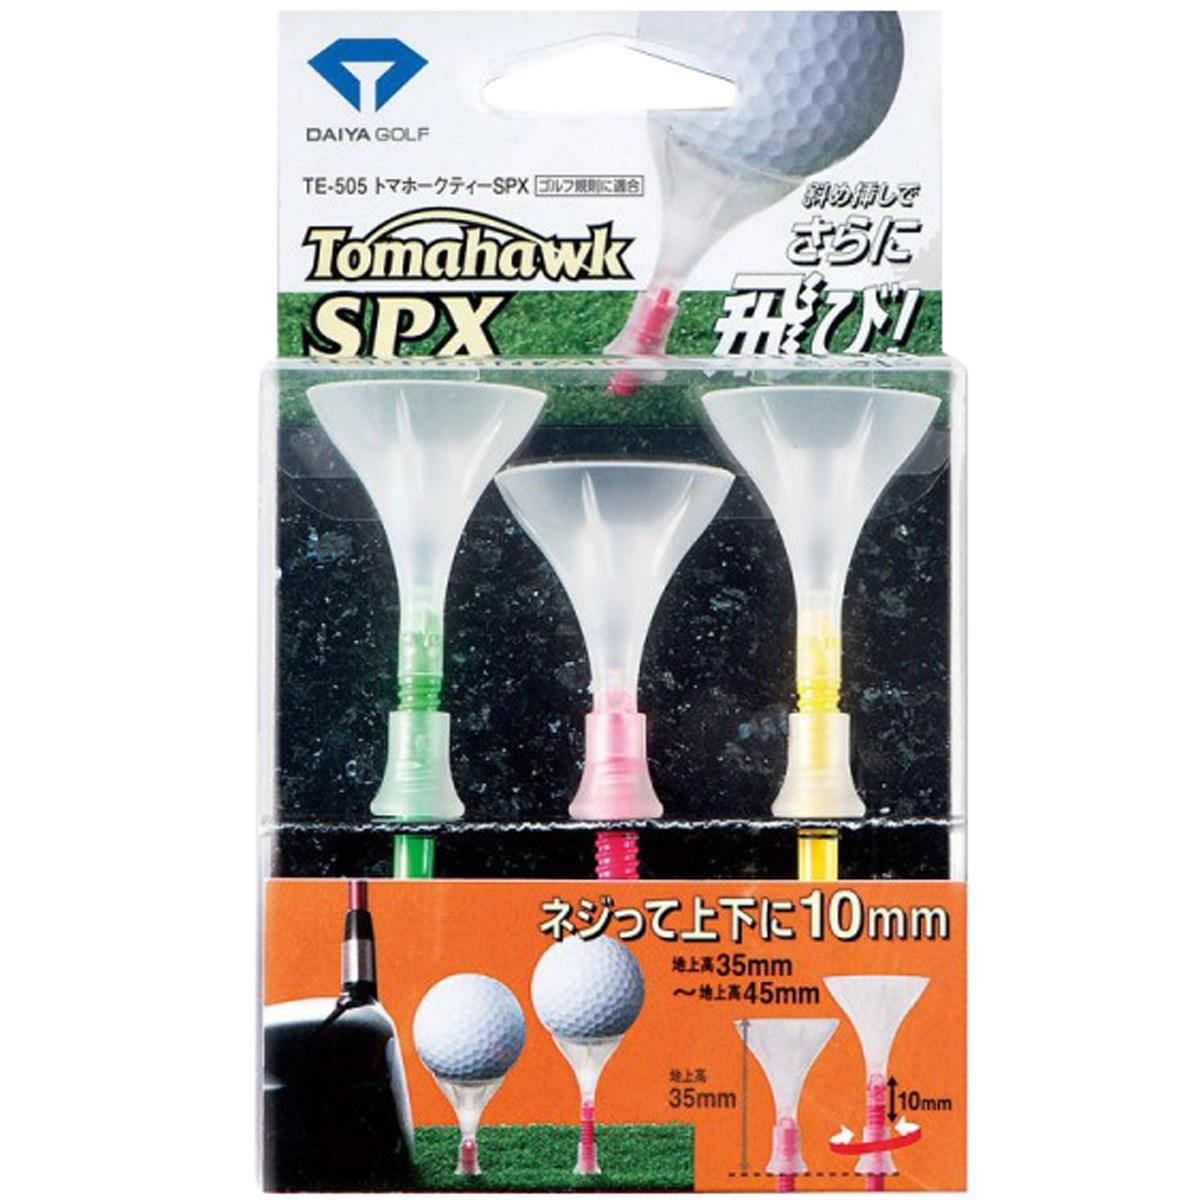 ダイヤゴルフ トマホークティーSPX